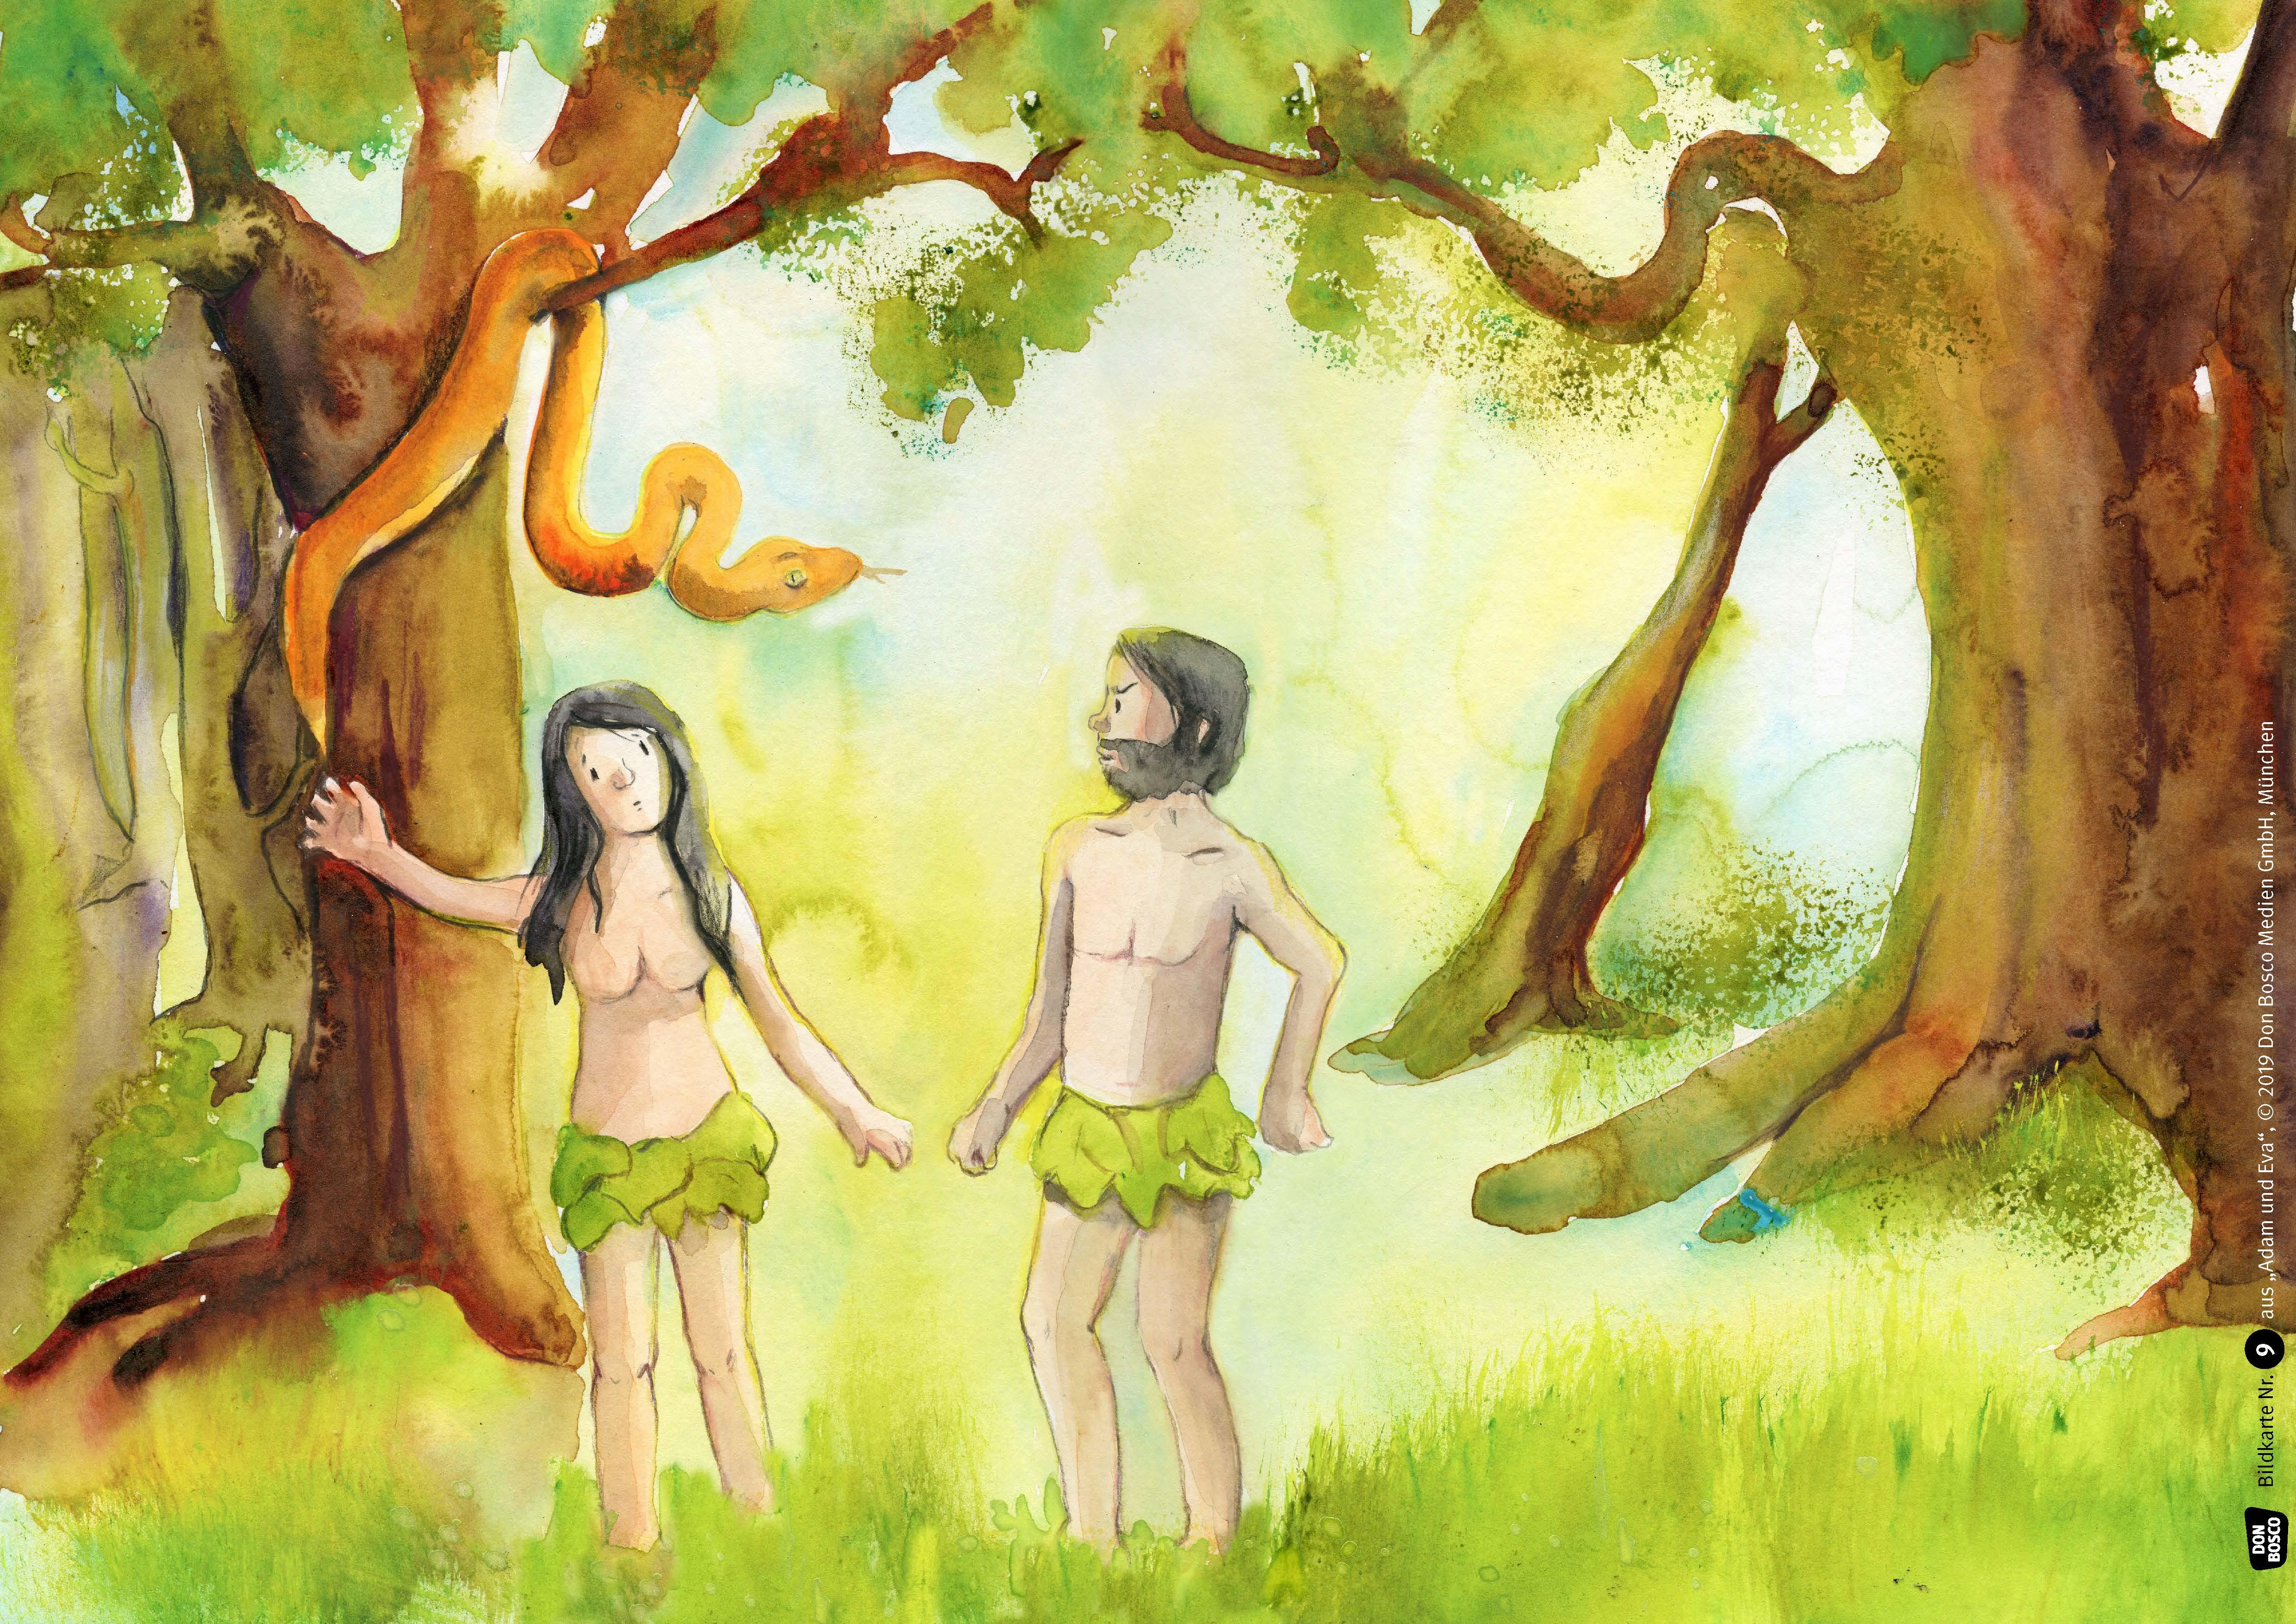 Innenansicht zu Adam und Eva. eKami.